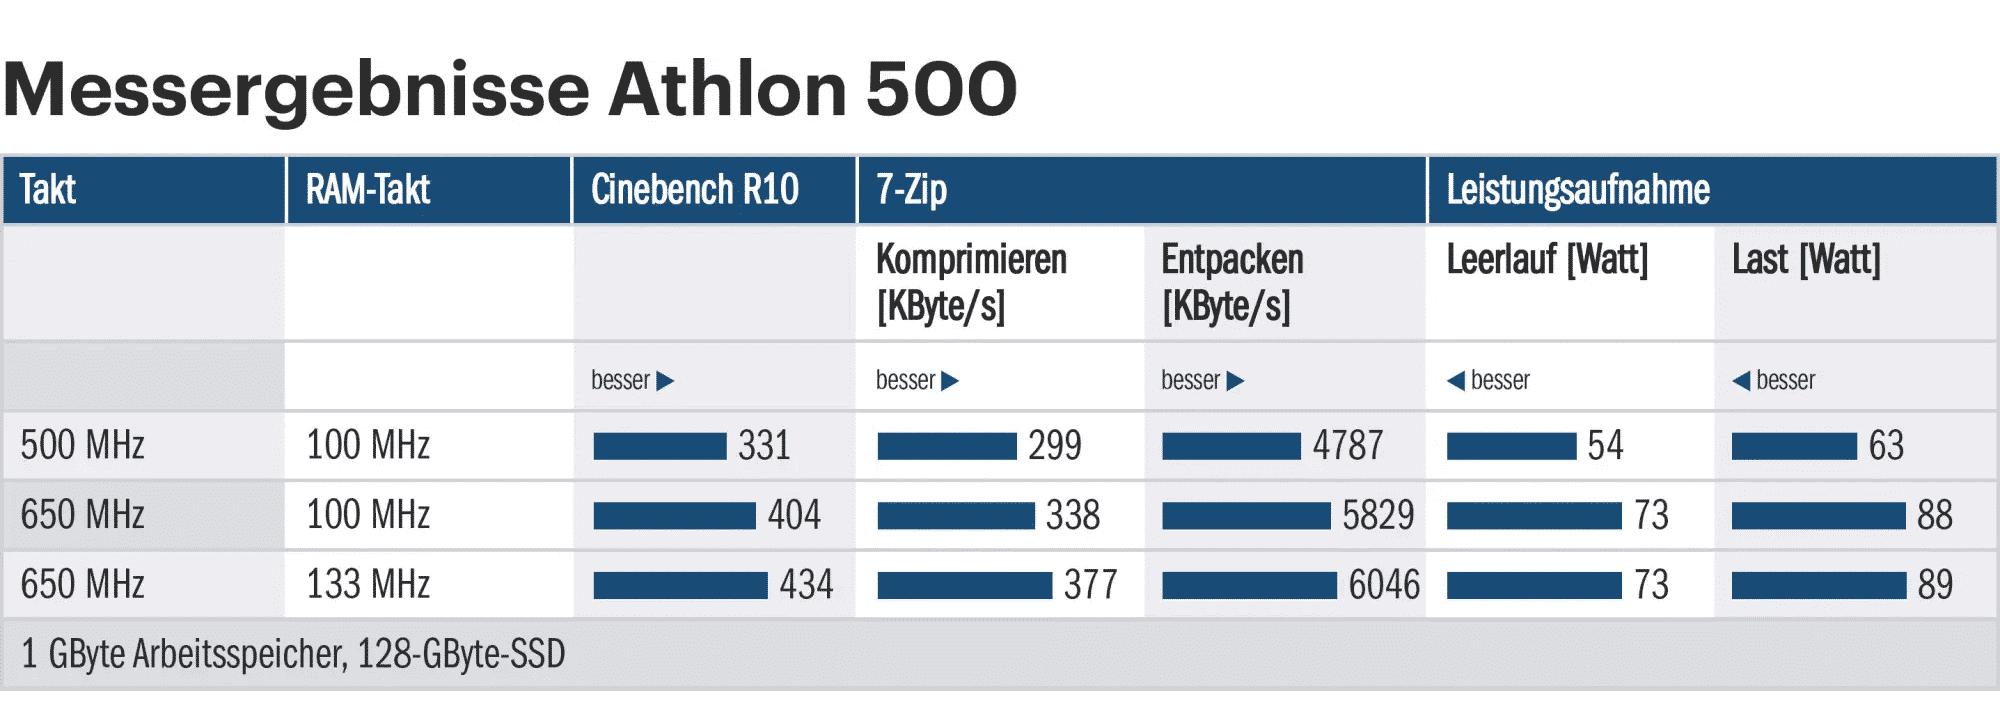 Messergebnisse Athlon 500